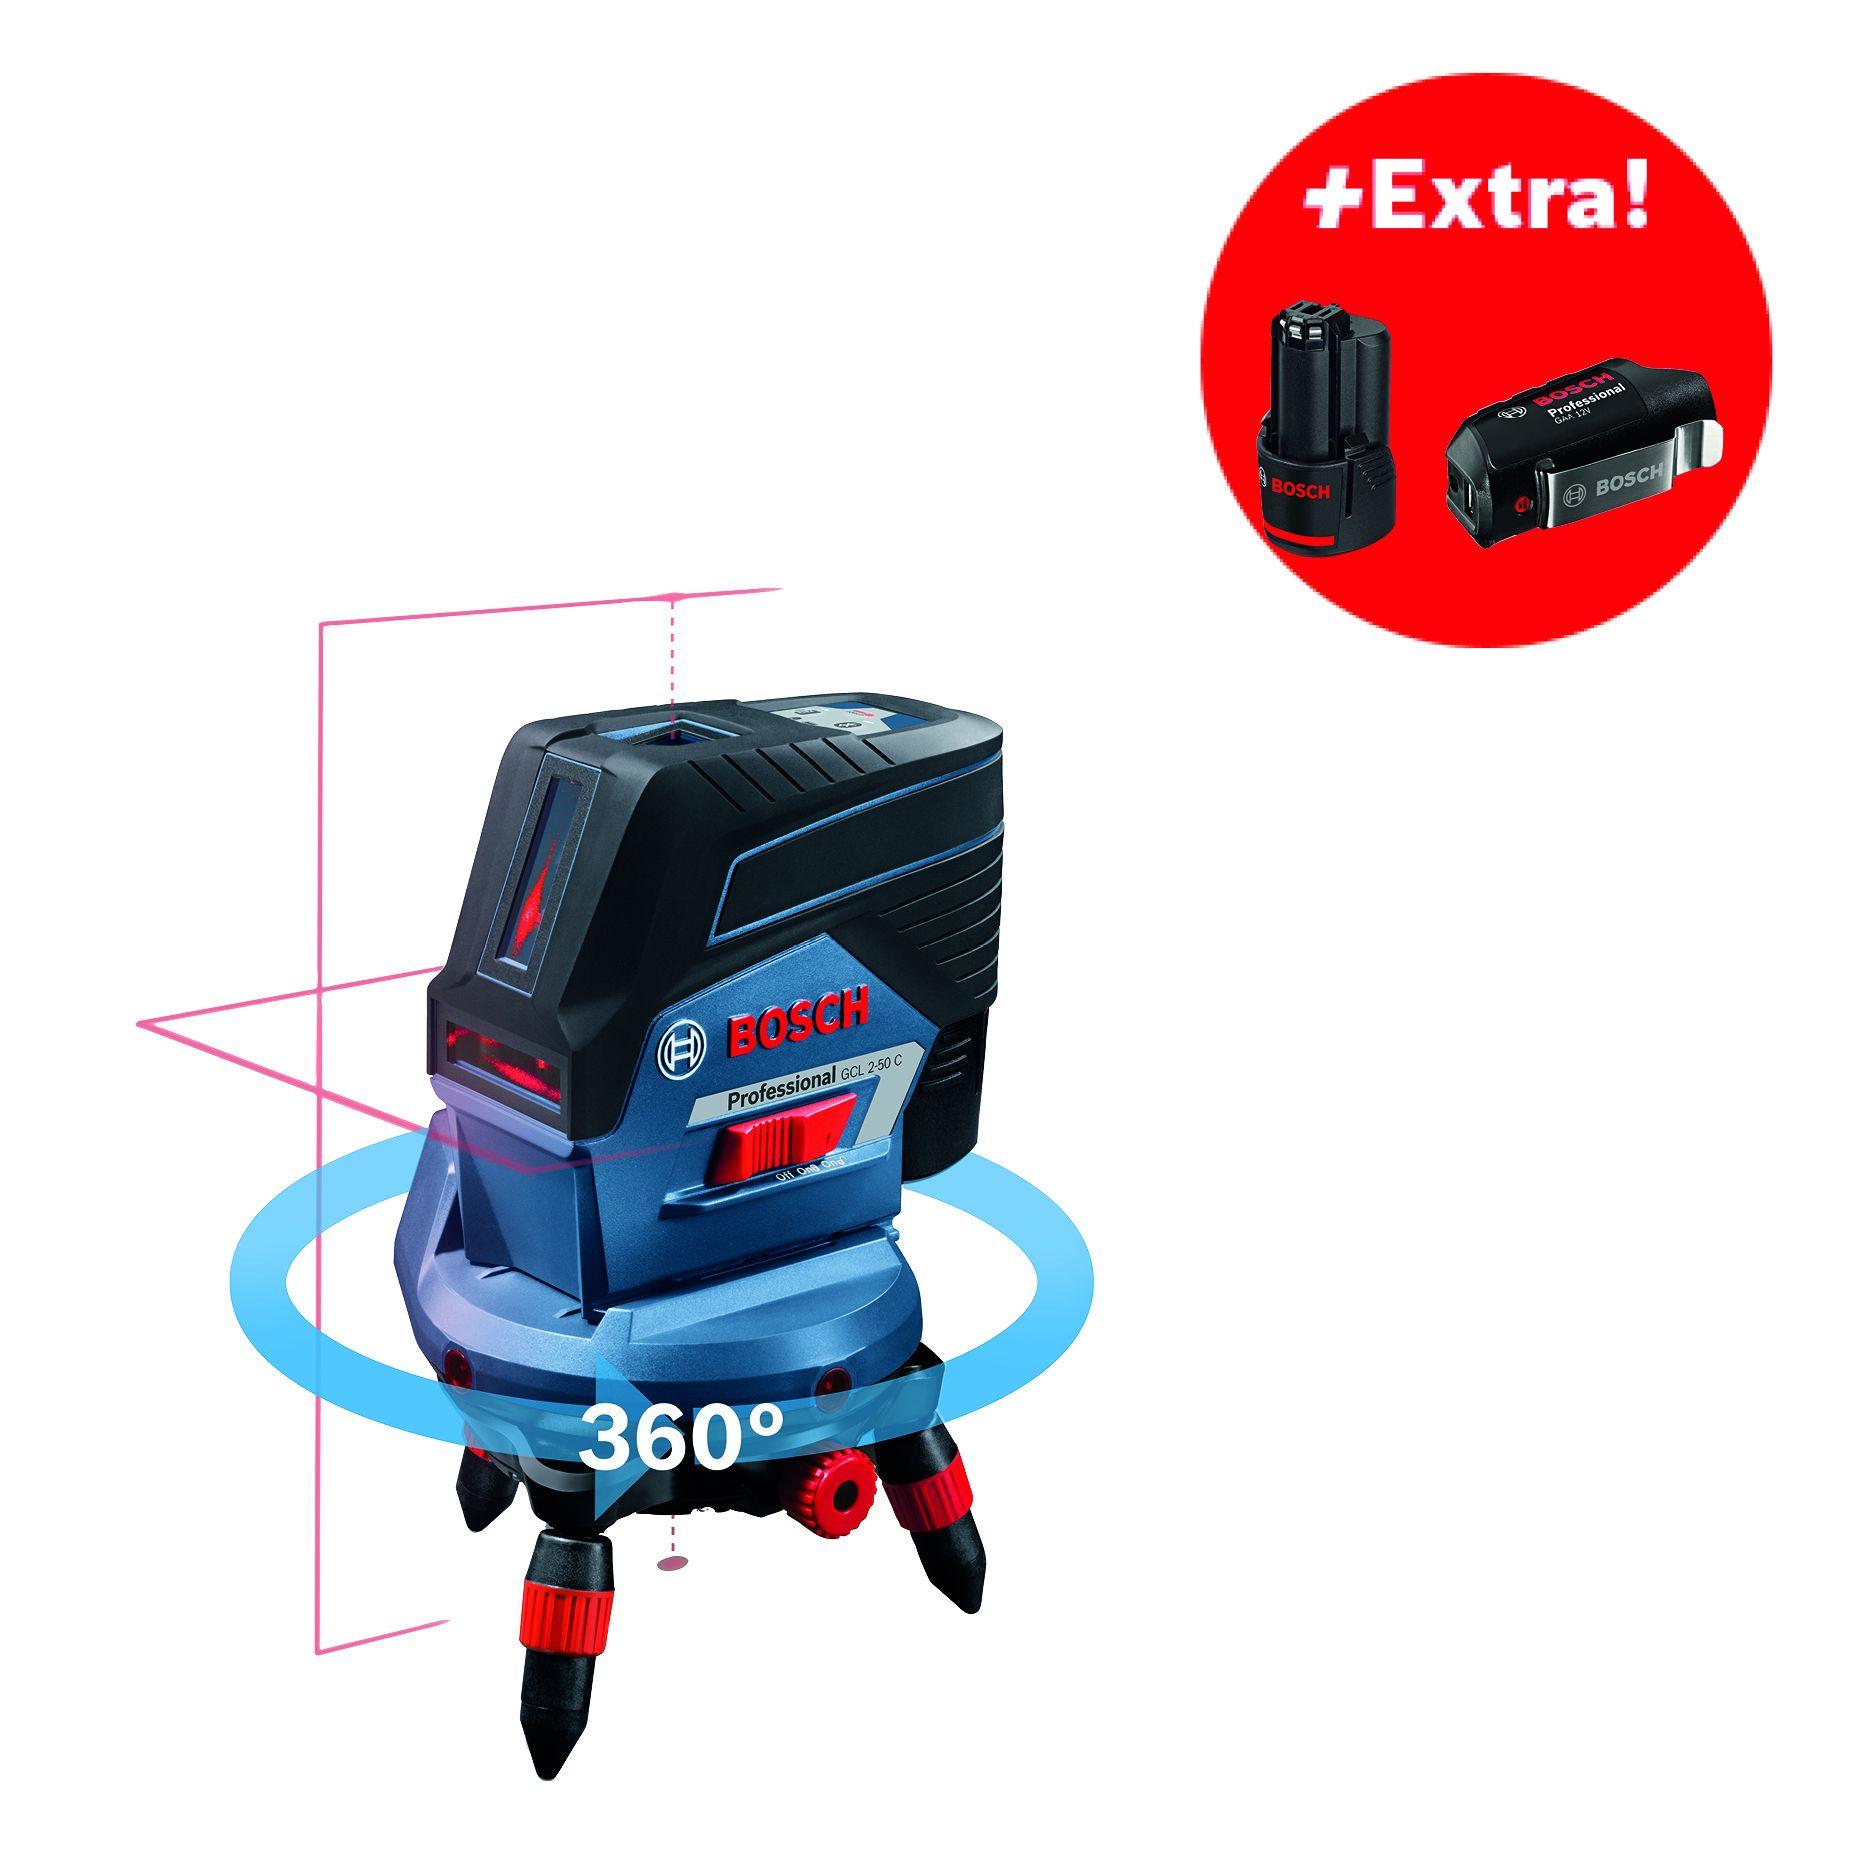 Křížový laser Bosch GCL 2-50 C Professional + 2x aku 2,0Ah + L-Boxx 238 + dálkové ovládání